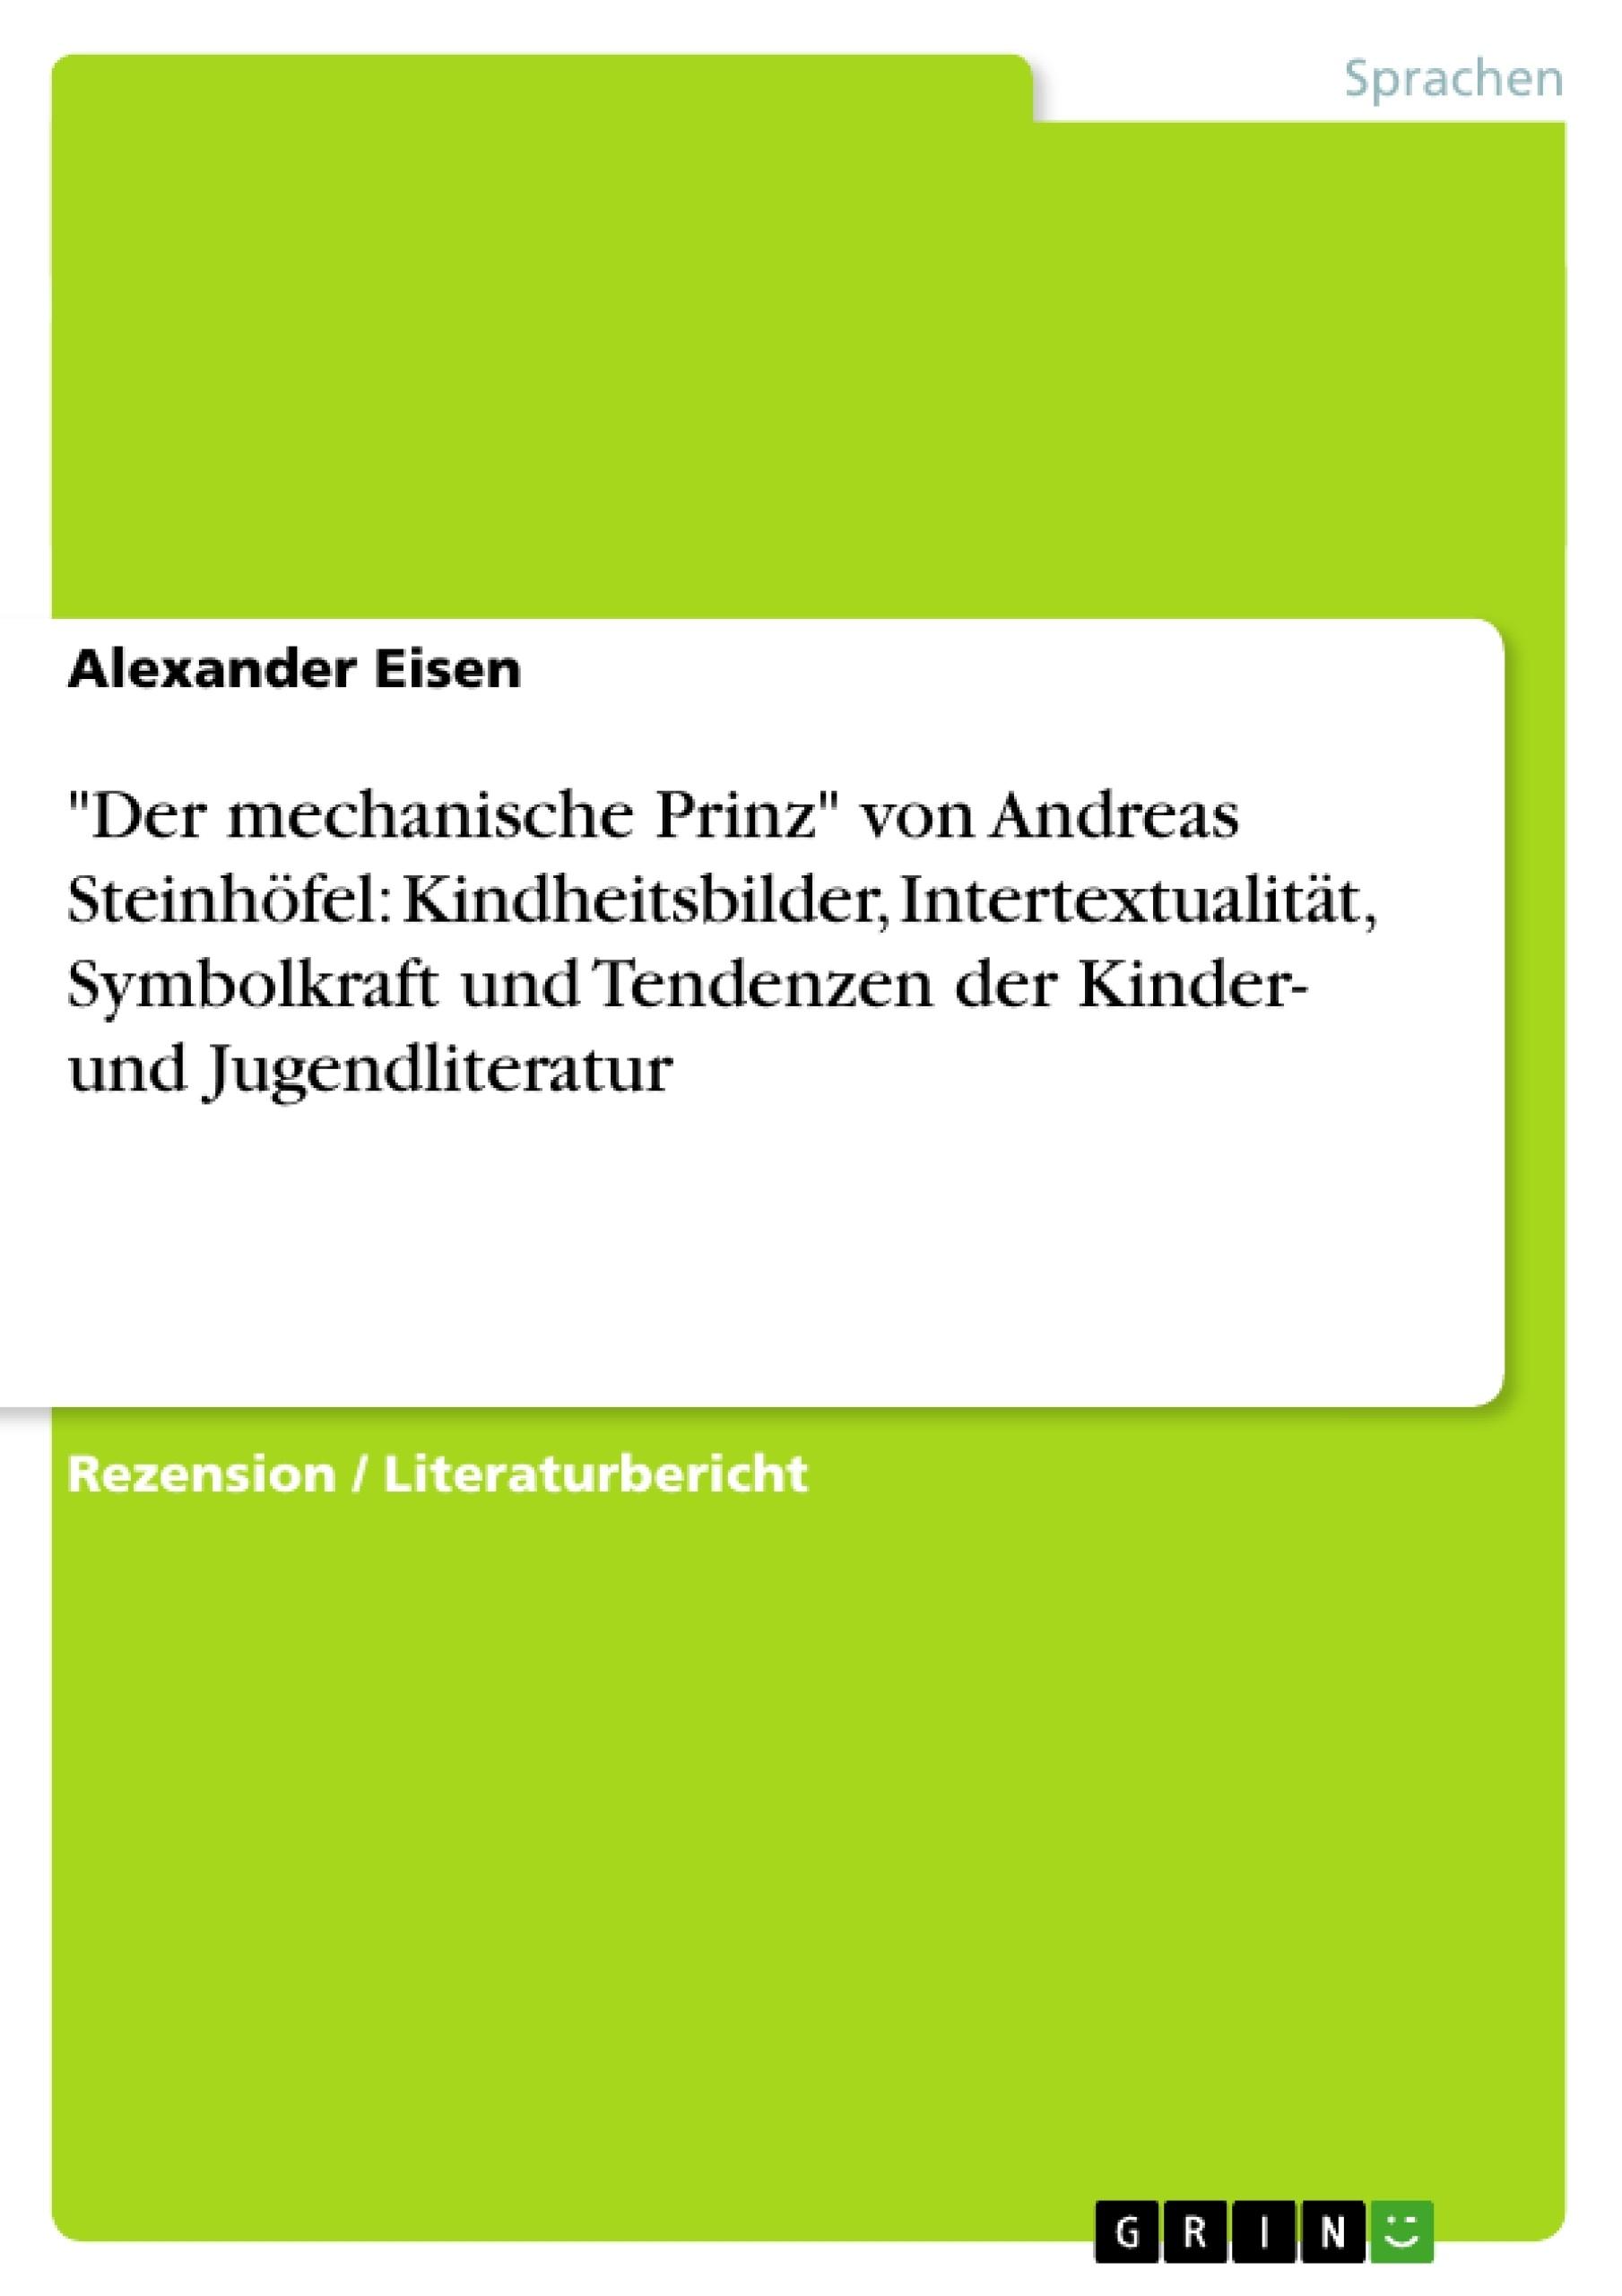 """Titel: """"Der mechanische Prinz"""" von Andreas Steinhöfel: Kindheitsbilder, Intertextualität, Symbolkraft und Tendenzen der Kinder- und Jugendliteratur"""